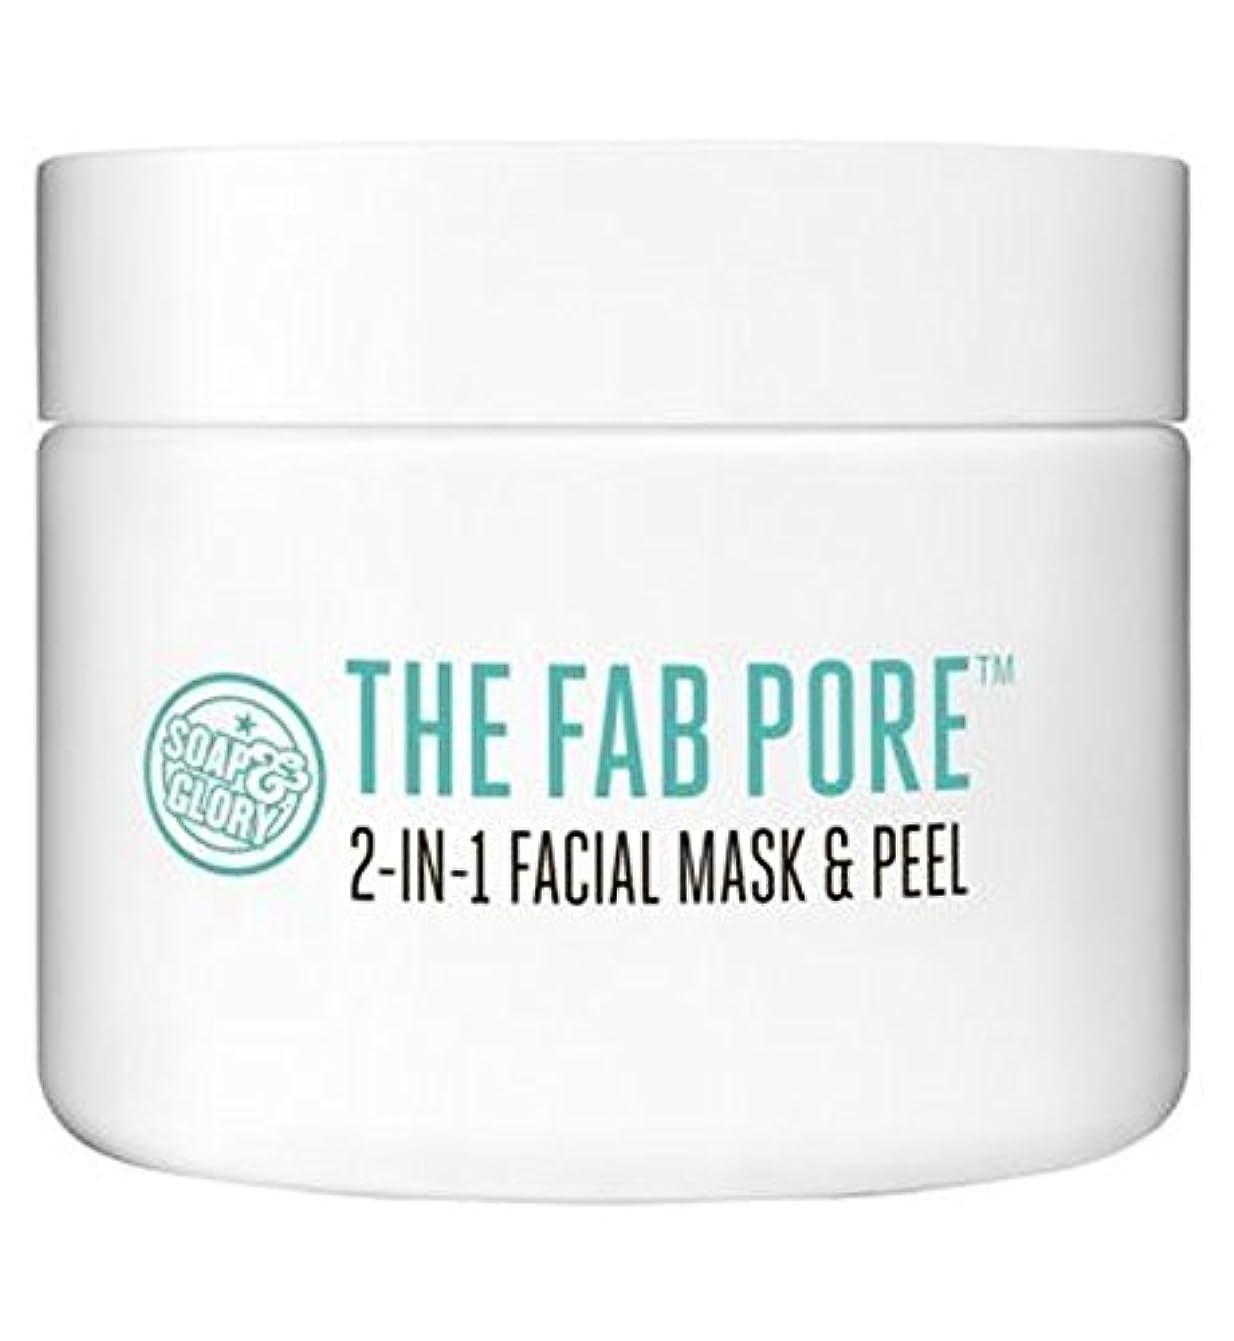 パンツロック解除期待するSoap & Glory? Fab Pore? 2-in-1 Facial Pore Purifying Mask & Peel - ファブ細孔?2イン1顔の細孔浄化マスク&ピール?石鹸&栄光 (Soap & Glory) [並行輸入品]